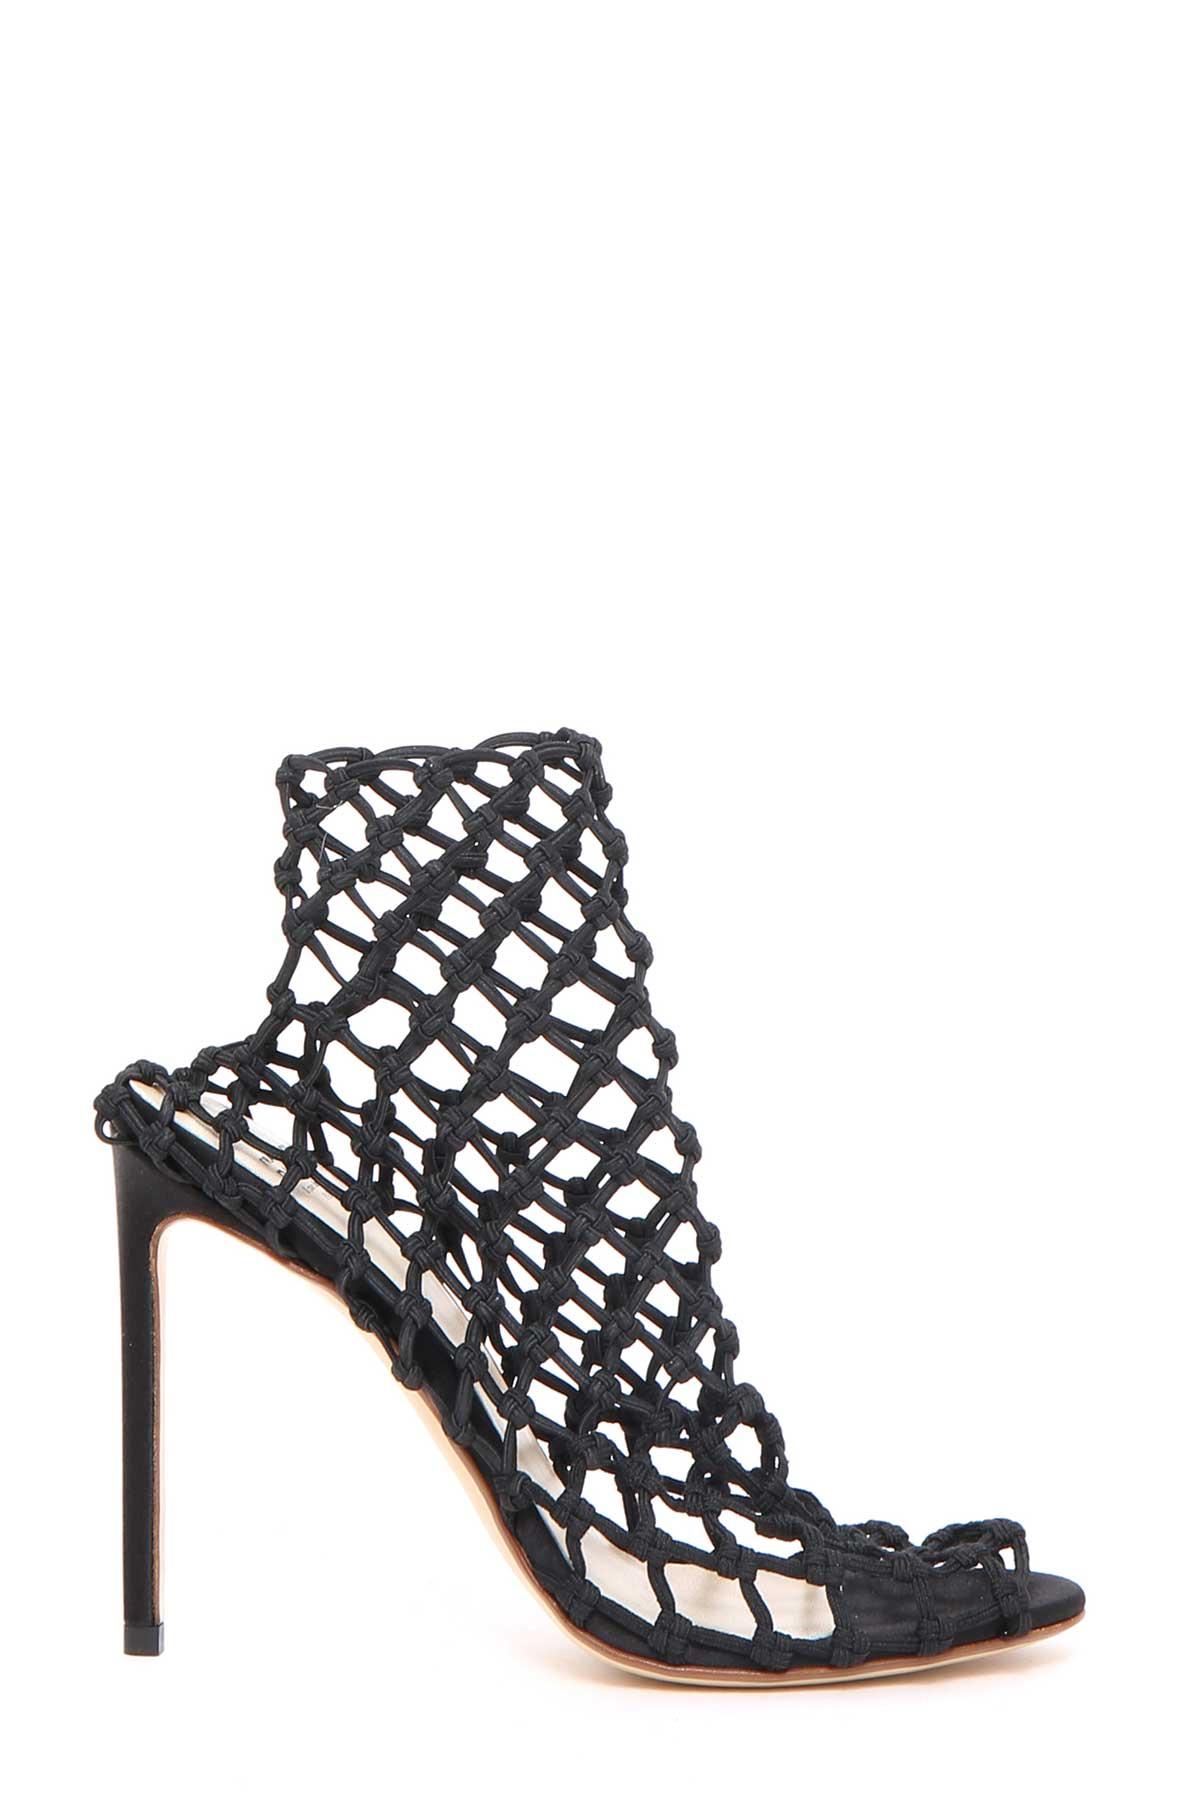 Elastic cage sandal Francesco Russo HlFKT62j